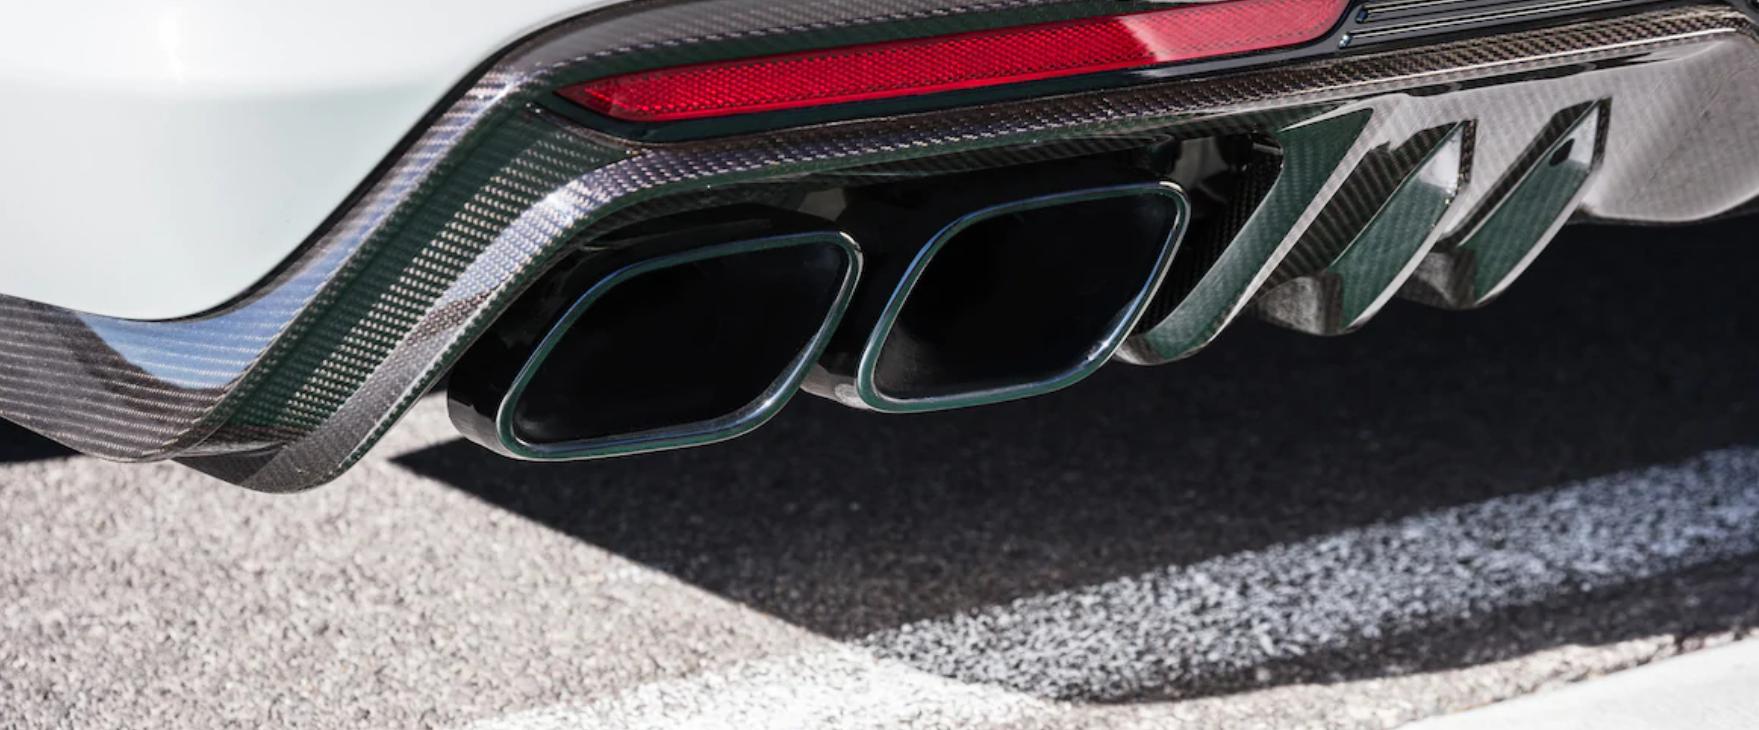 Cadillac CT5-V detail